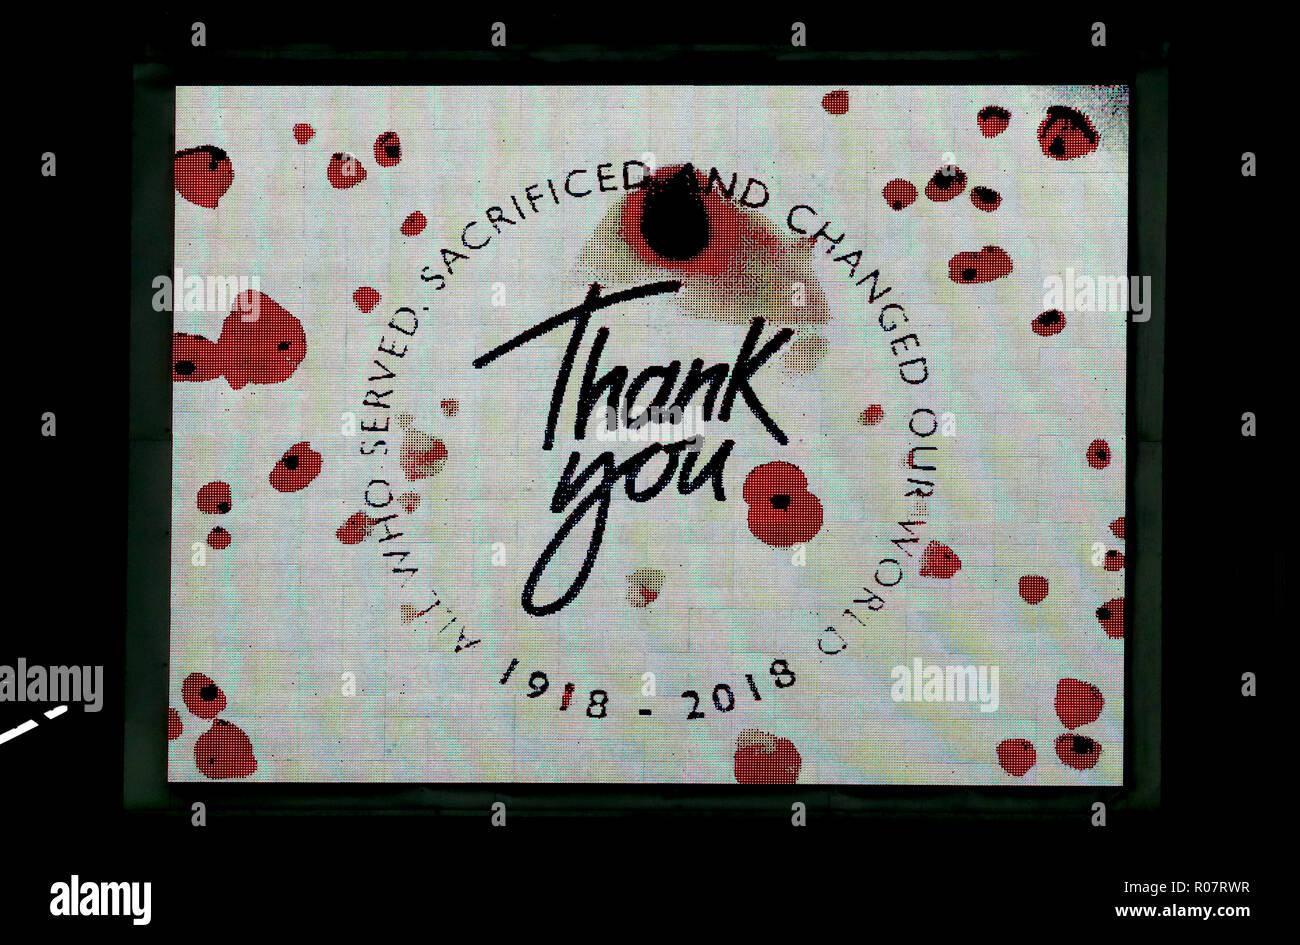 L'écran LED a un coquelicot appel message de remerciement à la mémoire des victimes de la Première Guerre mondiale au cours de la Sky Bet Championship match à Villa Park, Birmingham. Photo Stock